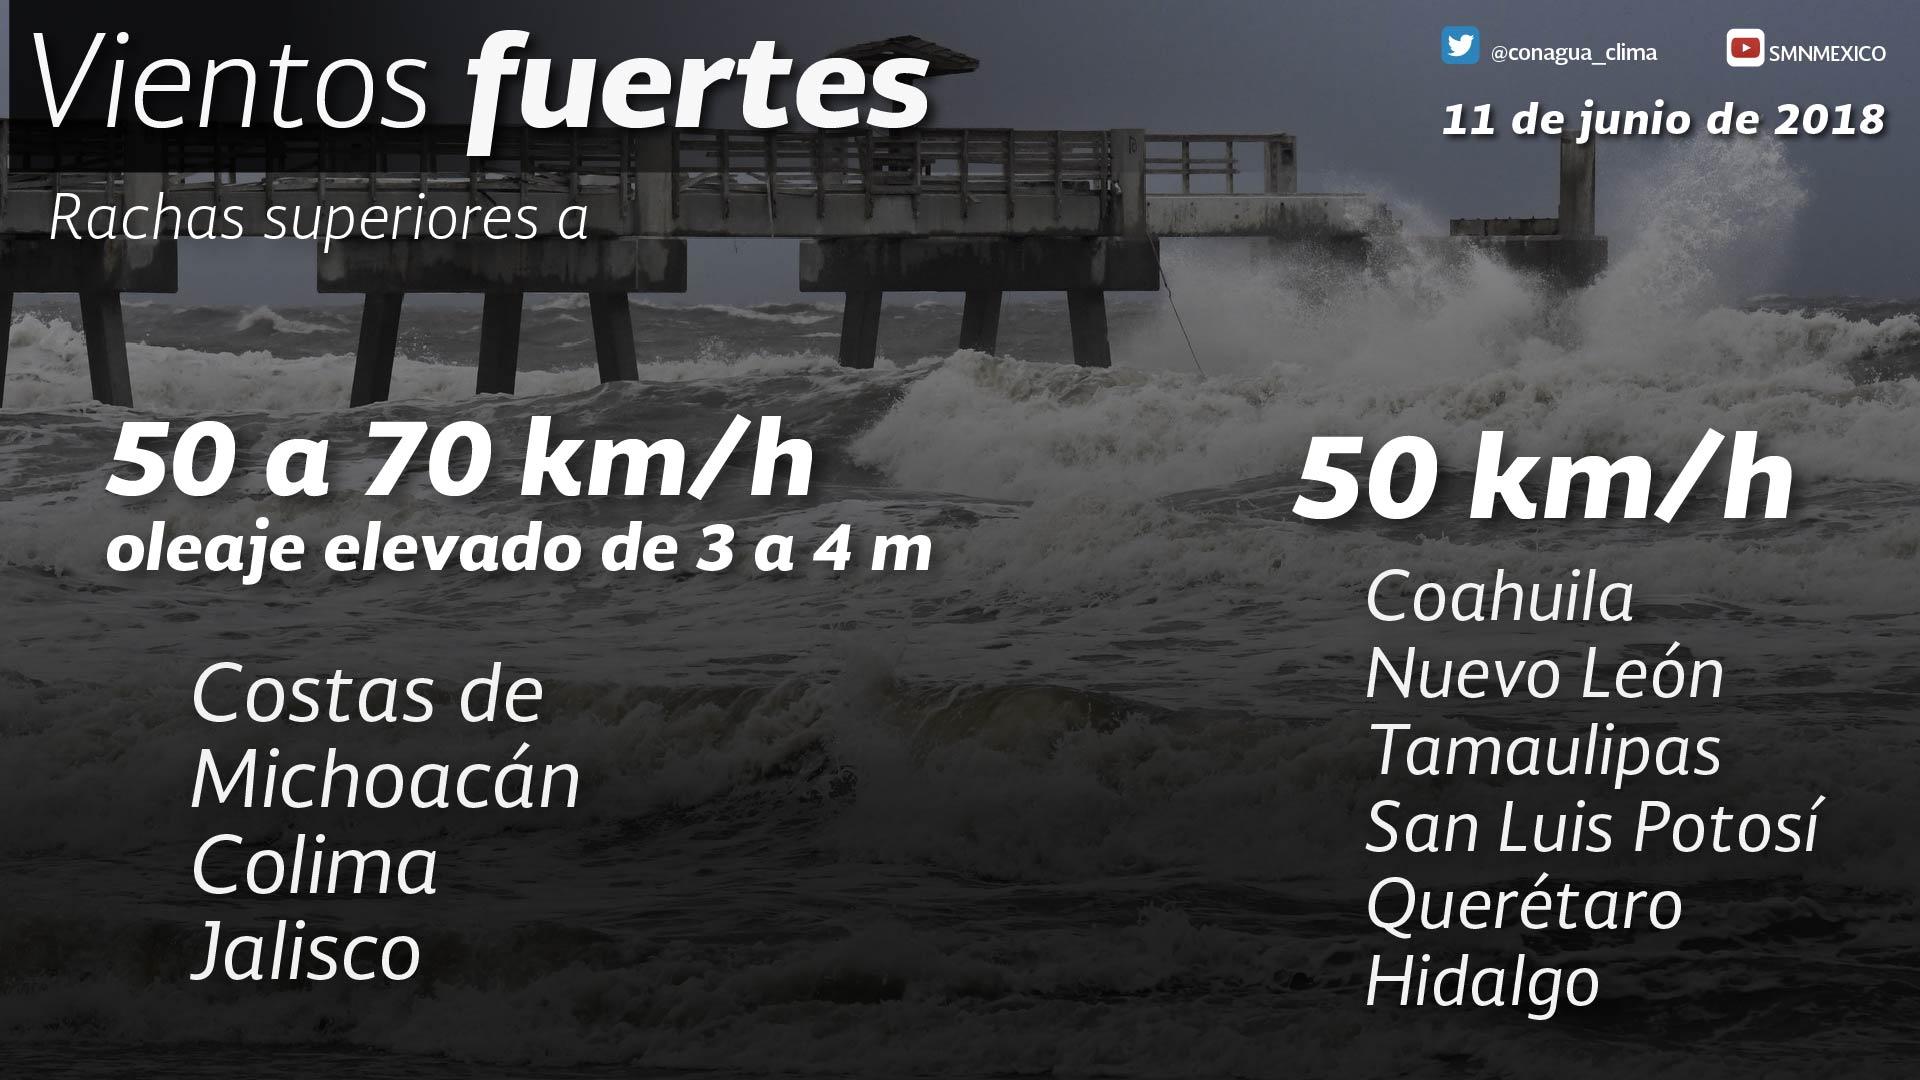 El huracán Bud de categoría 3 en la escala de Saffir Simpson, se desplaza paralelo a la costa del Pacífico